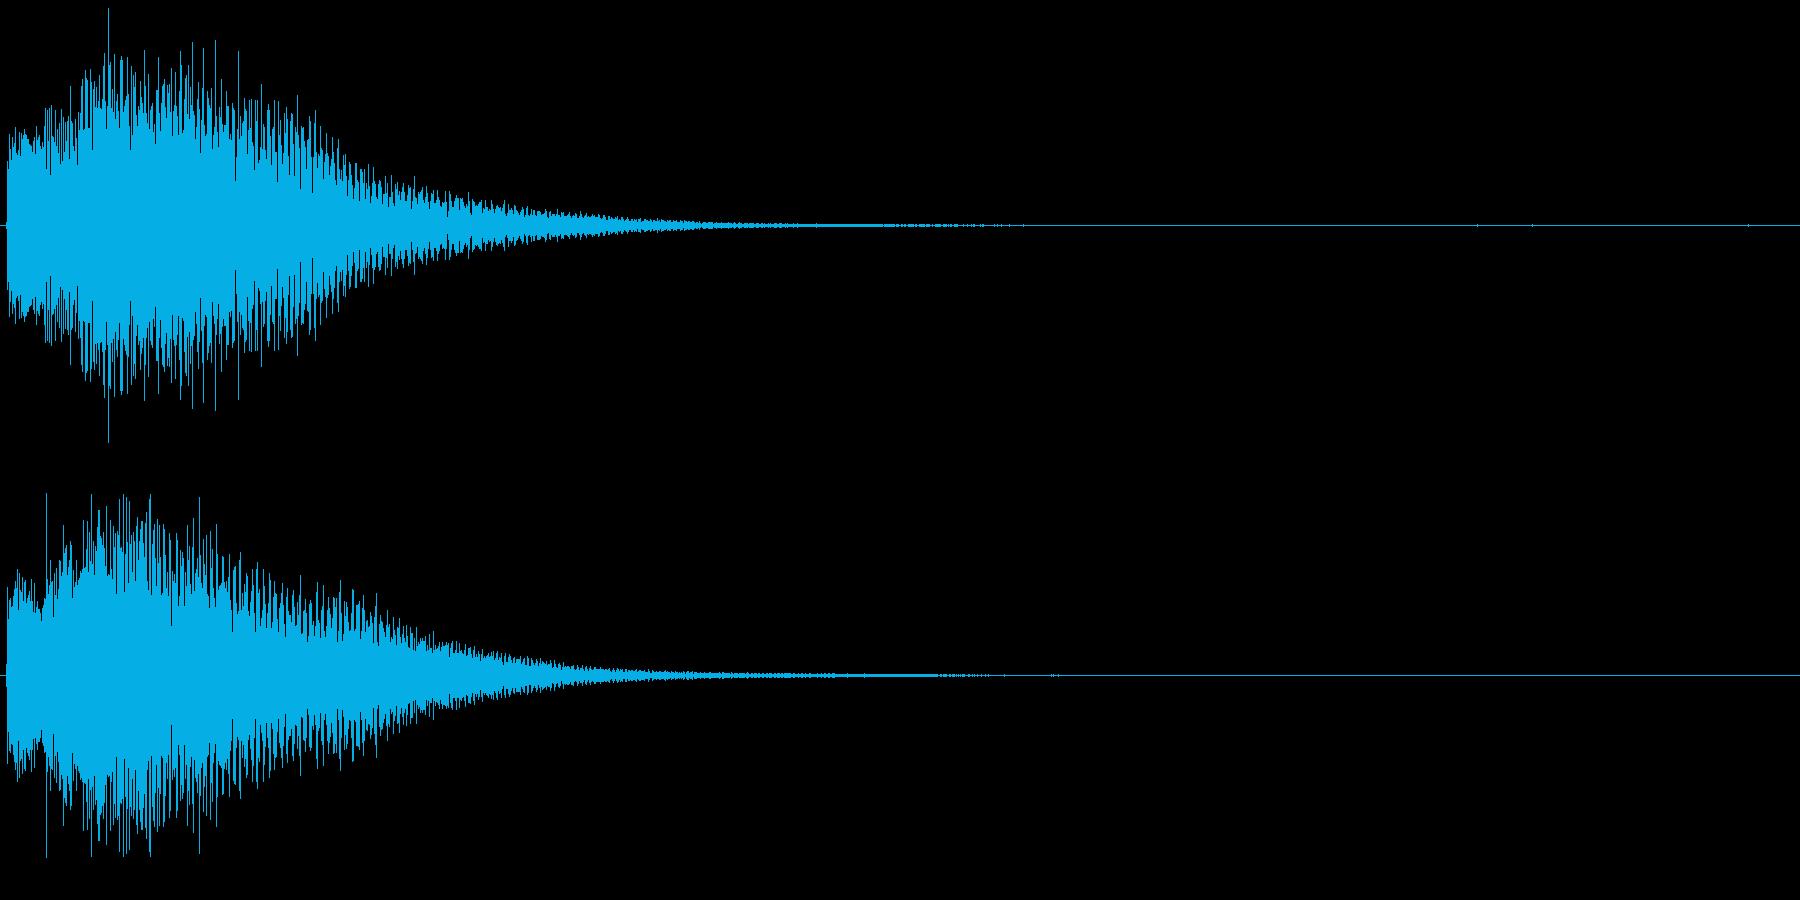 ティロリロン お知らせ ニュース音の再生済みの波形